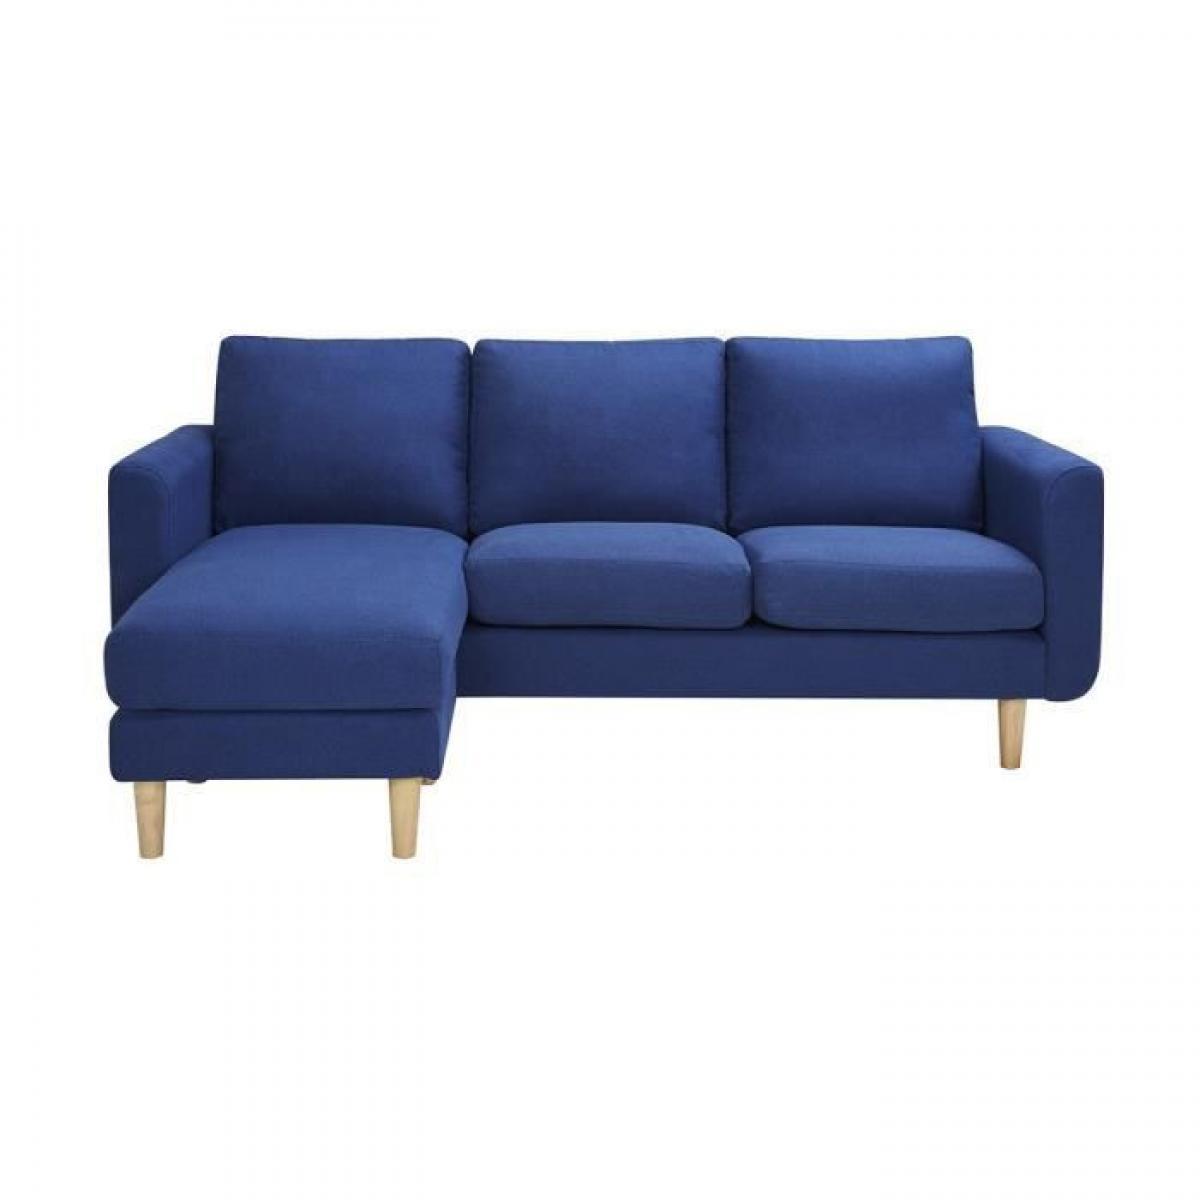 Sans Marque Canape dangle reversible - Tissu Bleu avec pietement en bois naturel - L 197 x P 137 x 83 cm - NOLAN